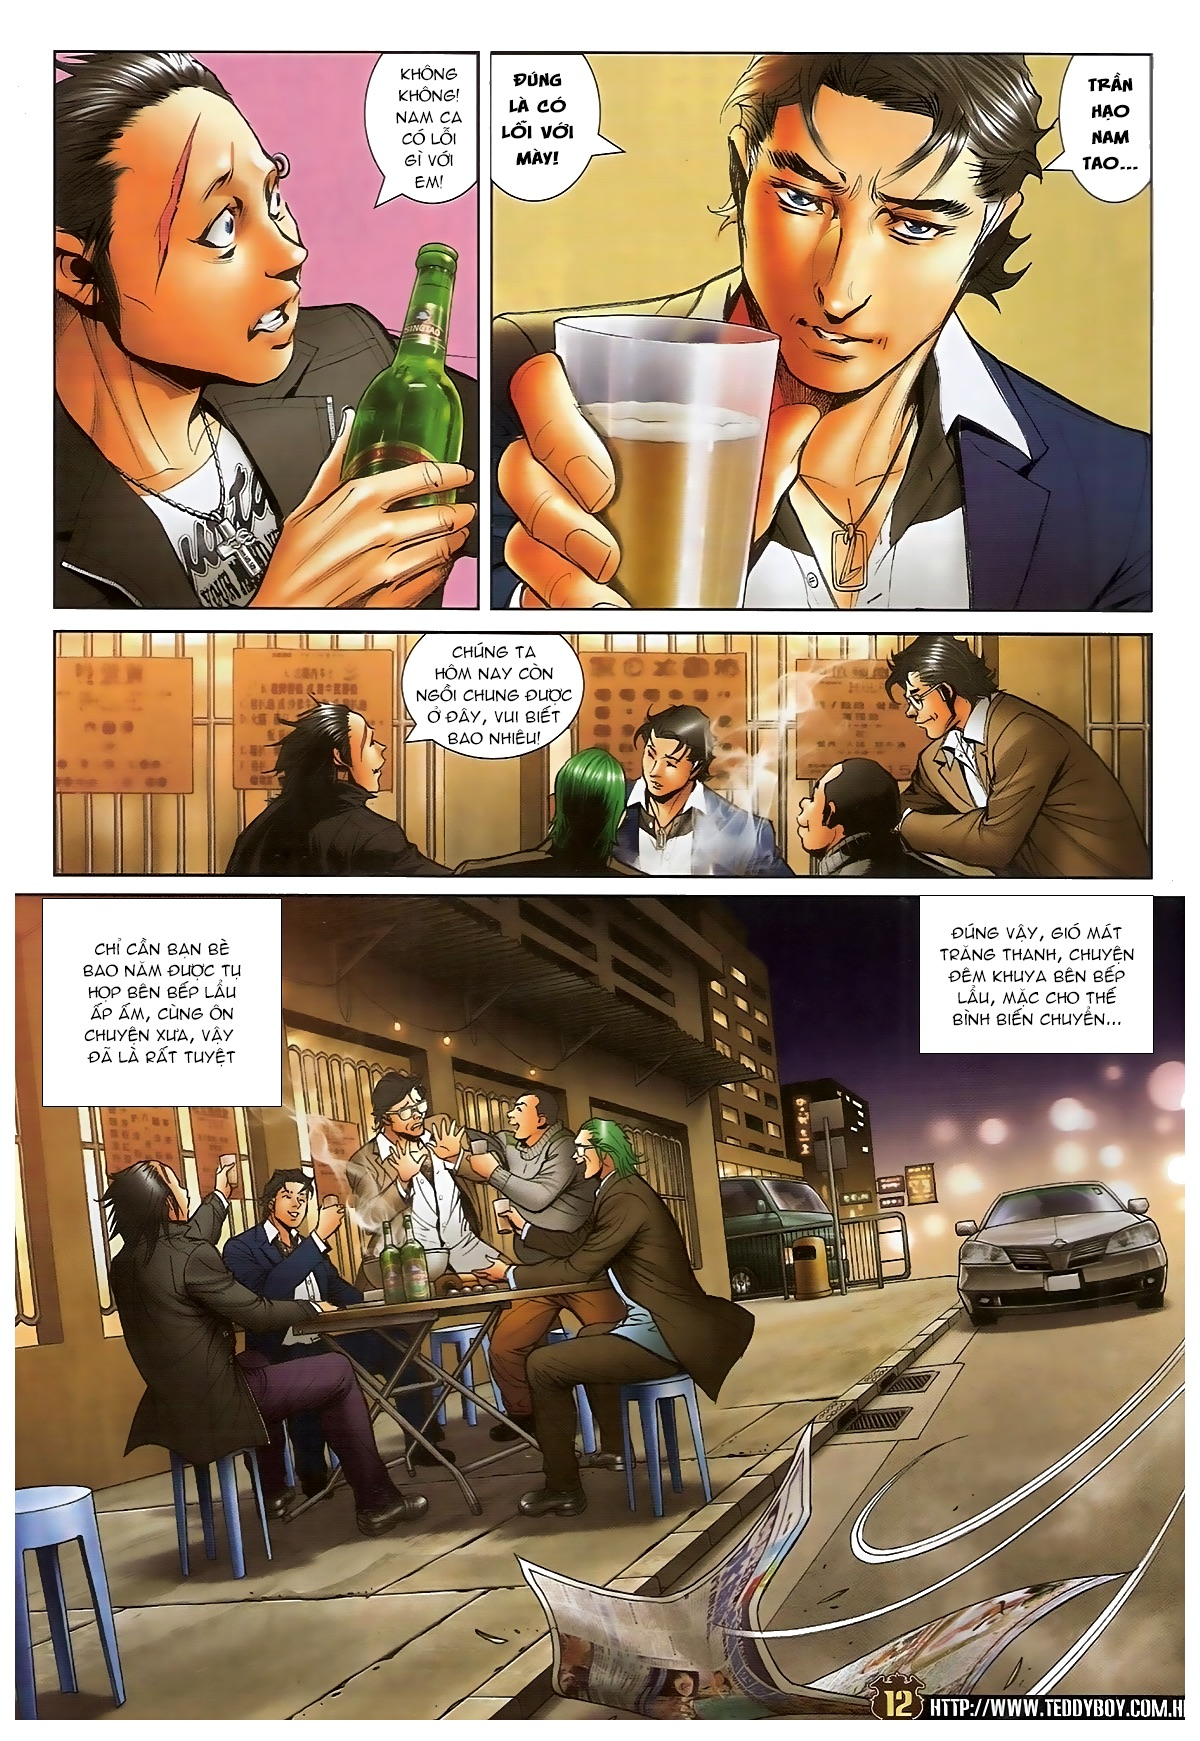 Người Trong Giang Hồ - Chapter 1573: Chuyện bên bếp lẩu - Pic 10